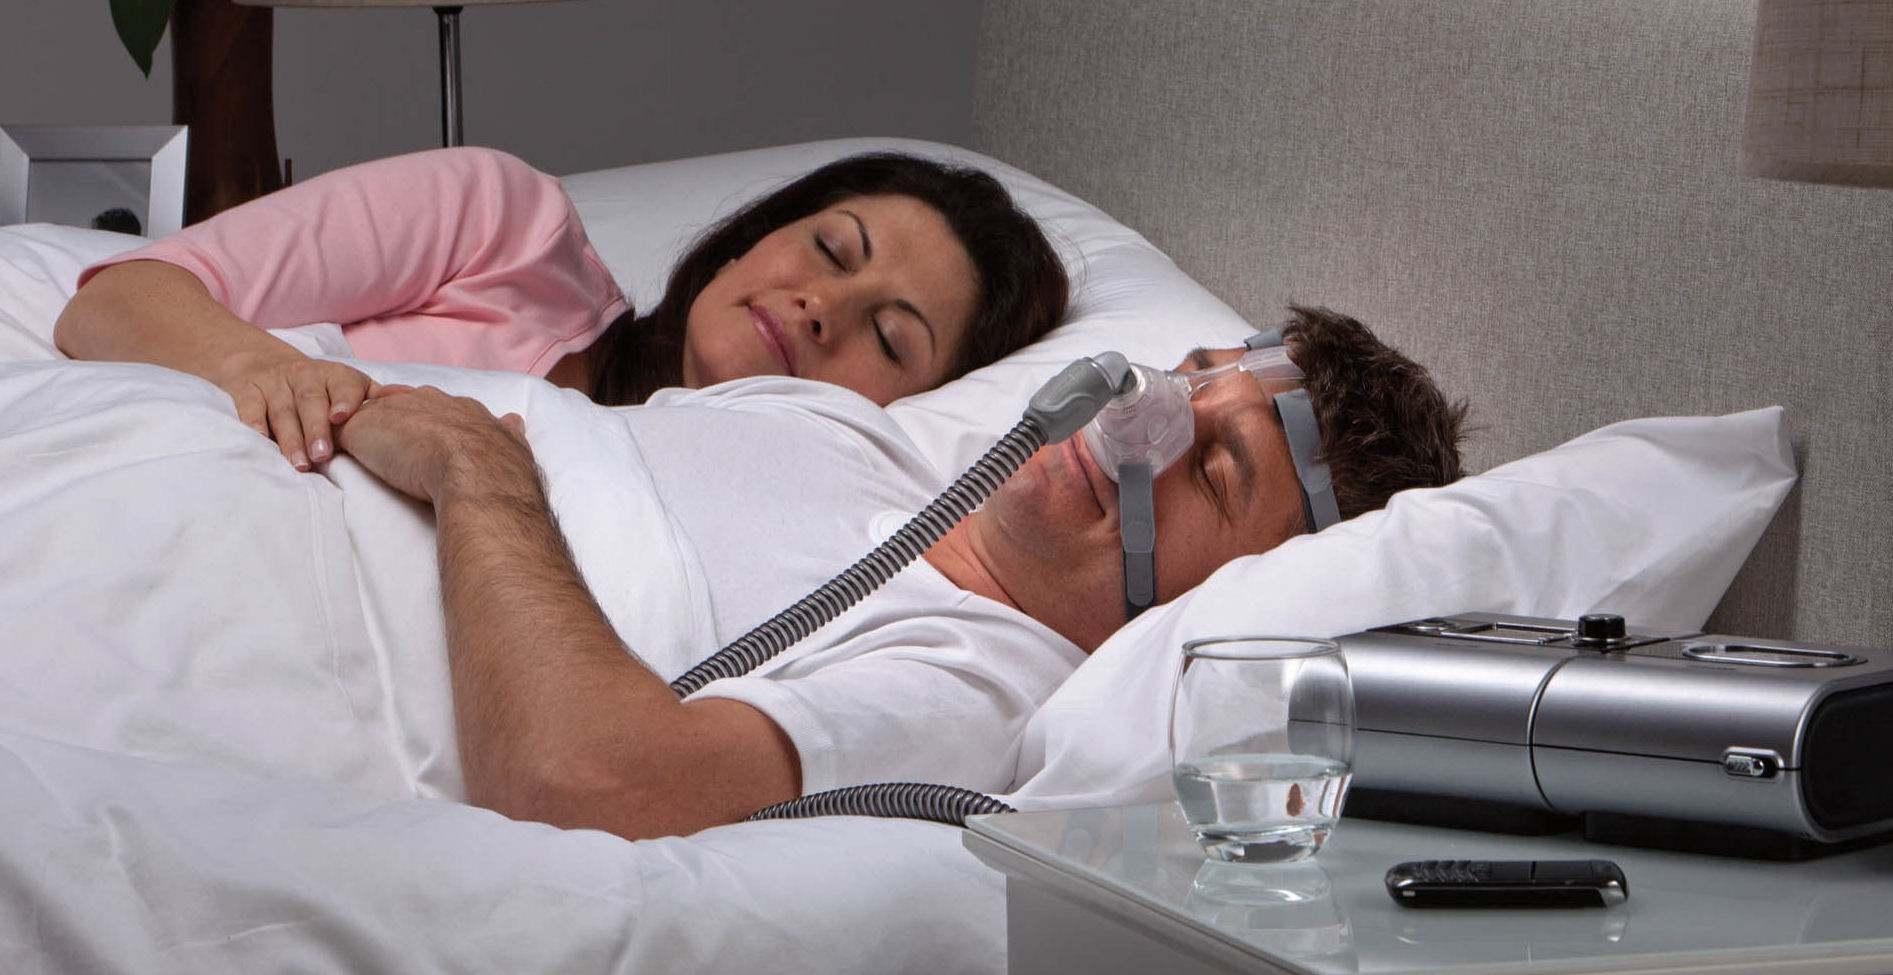 #健康#睡眠跟前列腺发病有关系吗?